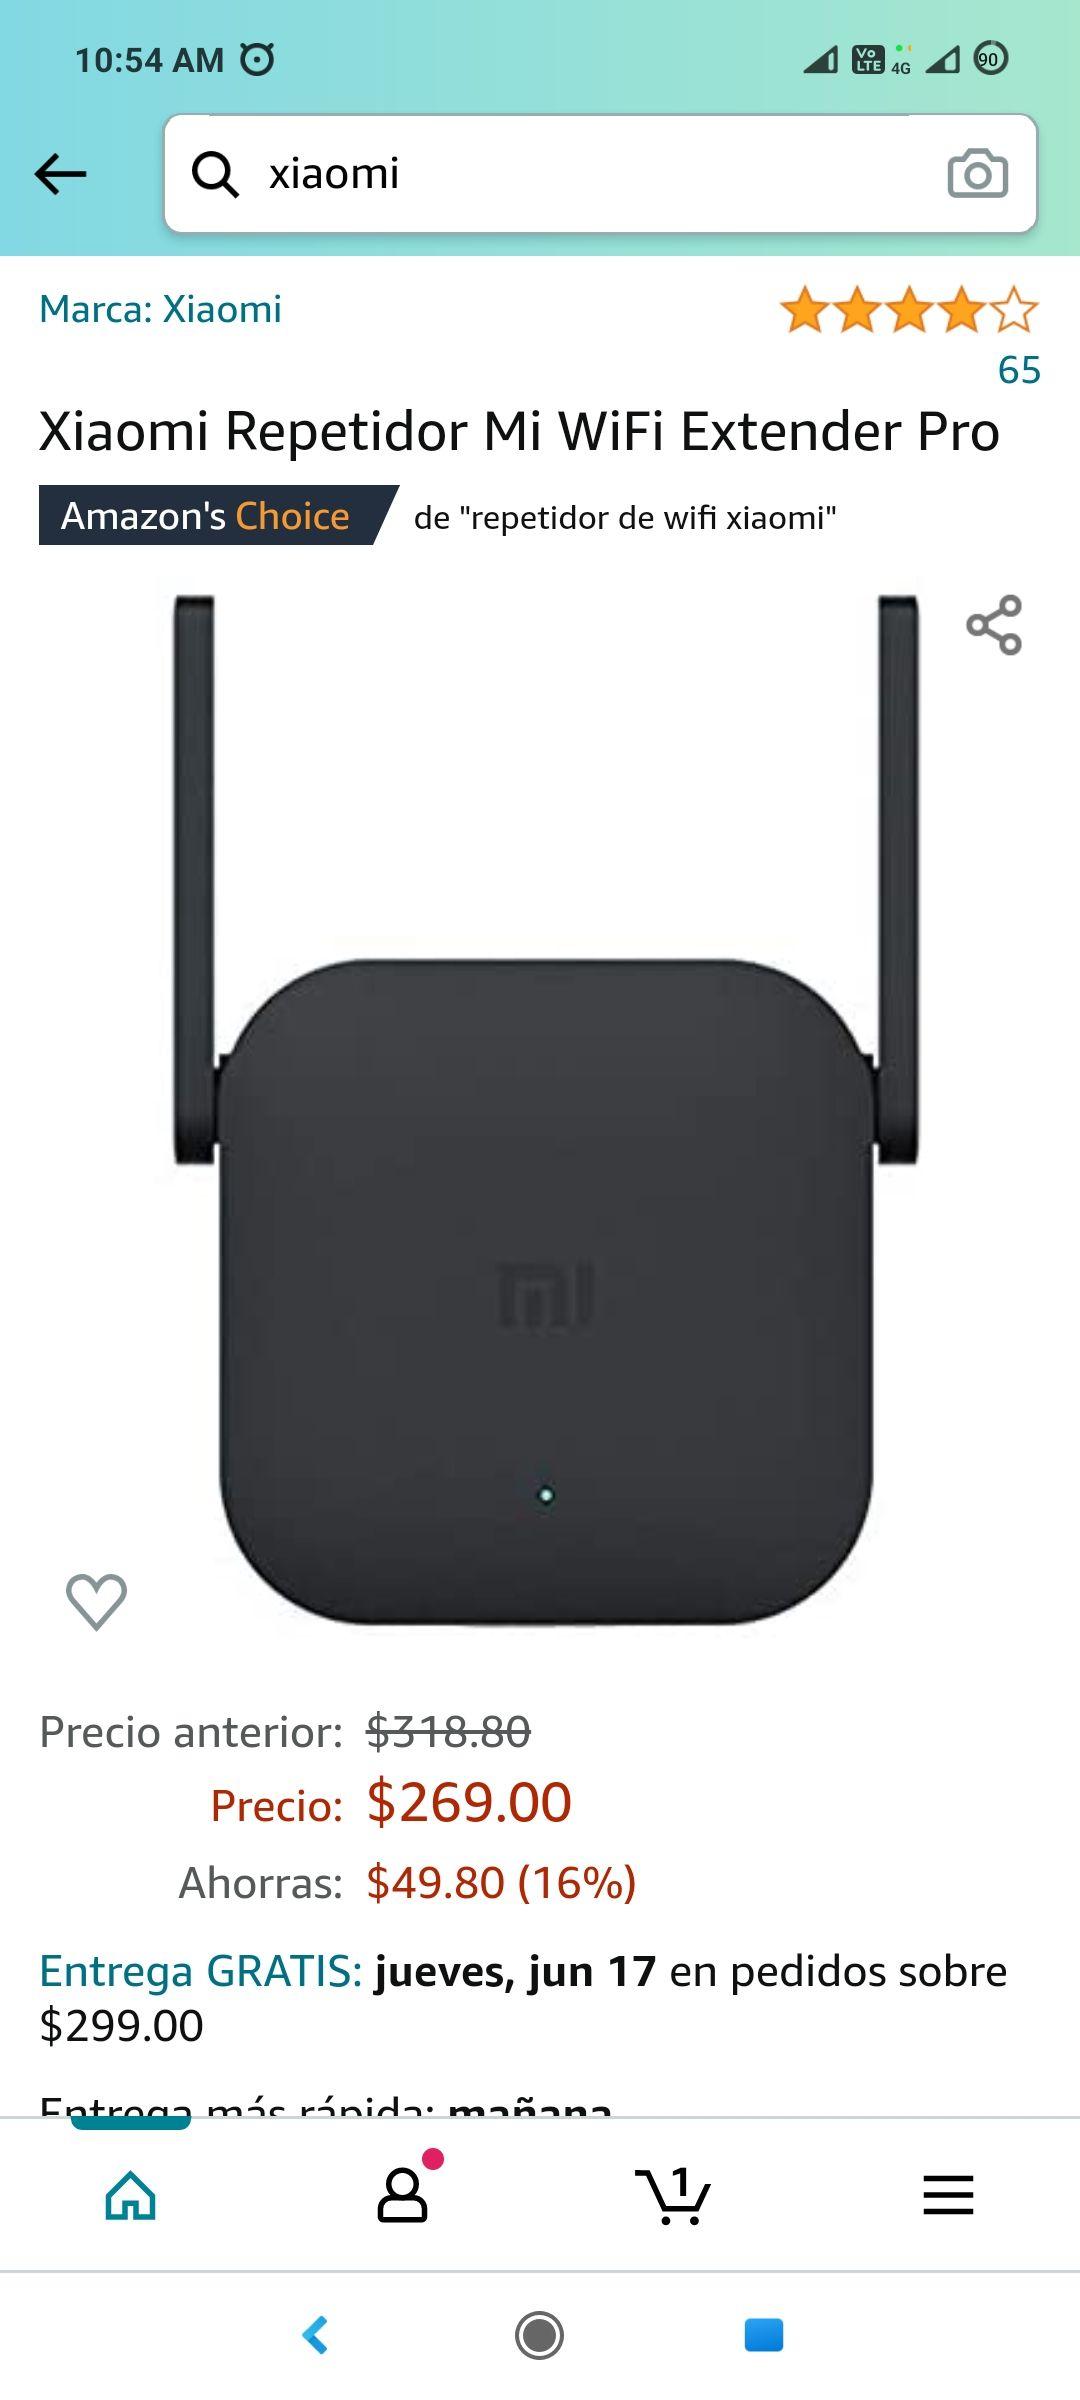 Amazon Xiaomi Repetidor Mi WiFi Extender Pro (Precio más bajo según keepa)